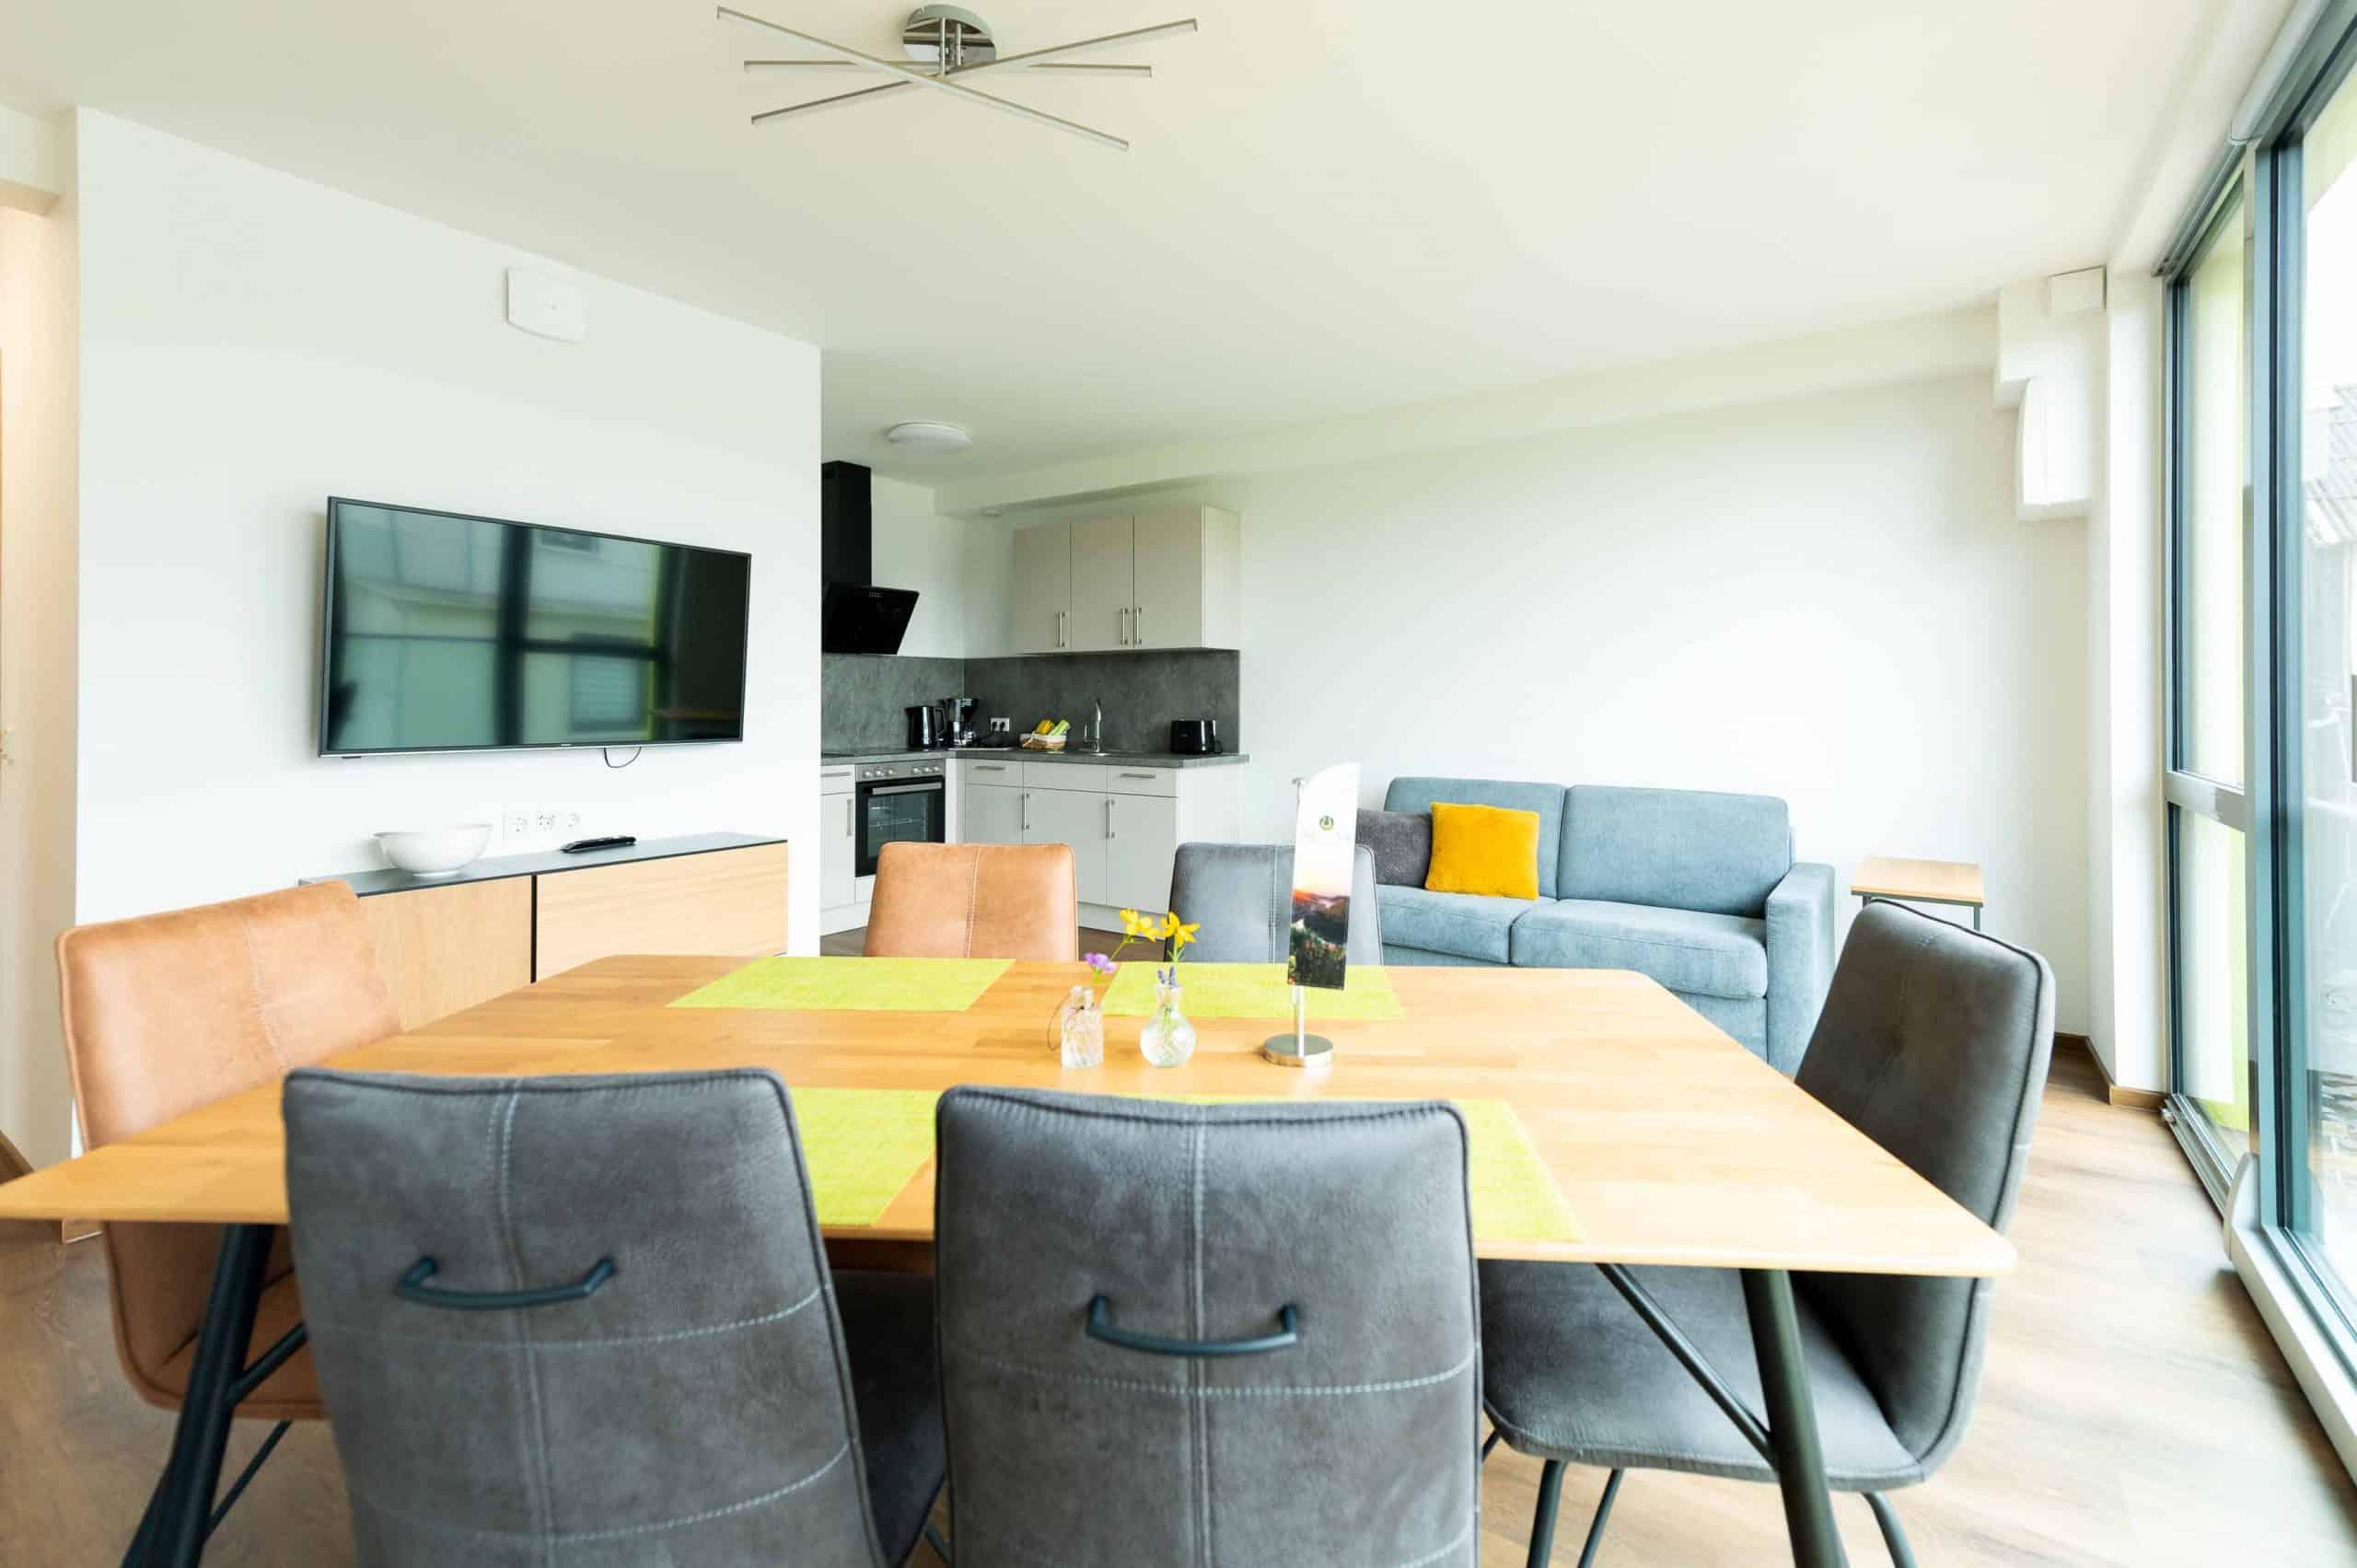 appartement-mettlach-alter-turm-esszimmer-wohnbereich